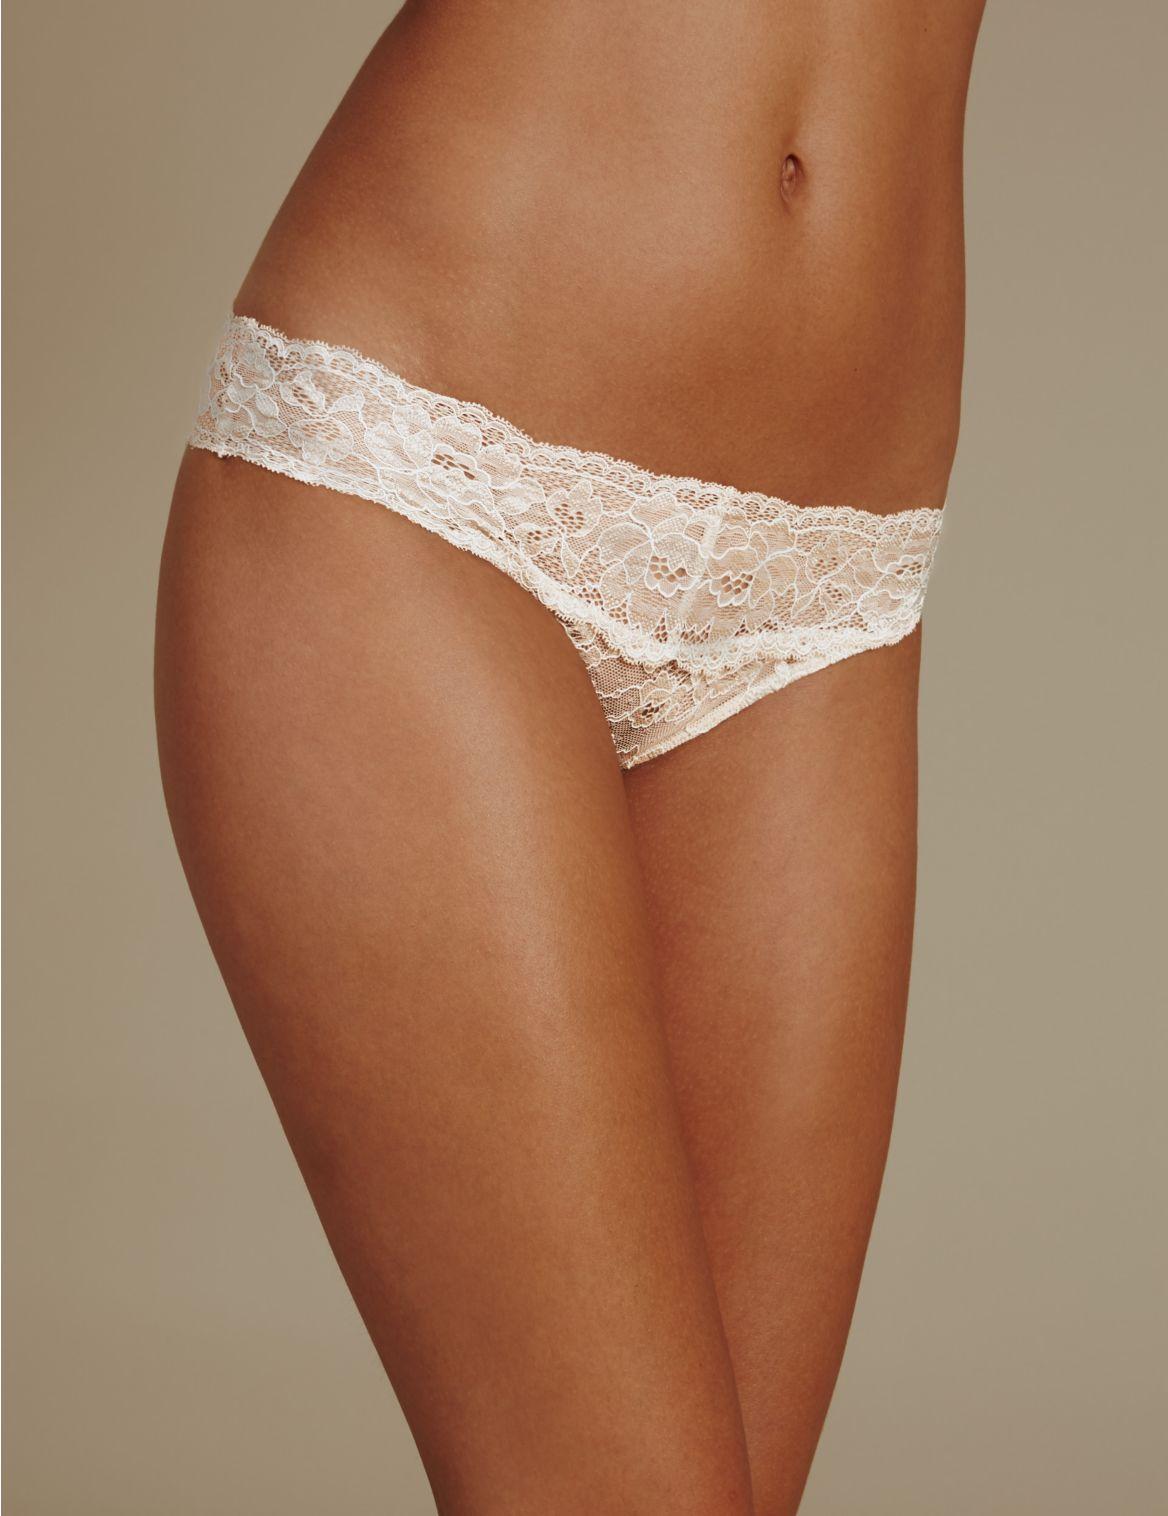 Culotte bikini ornĂŠe de dentelle fleurie